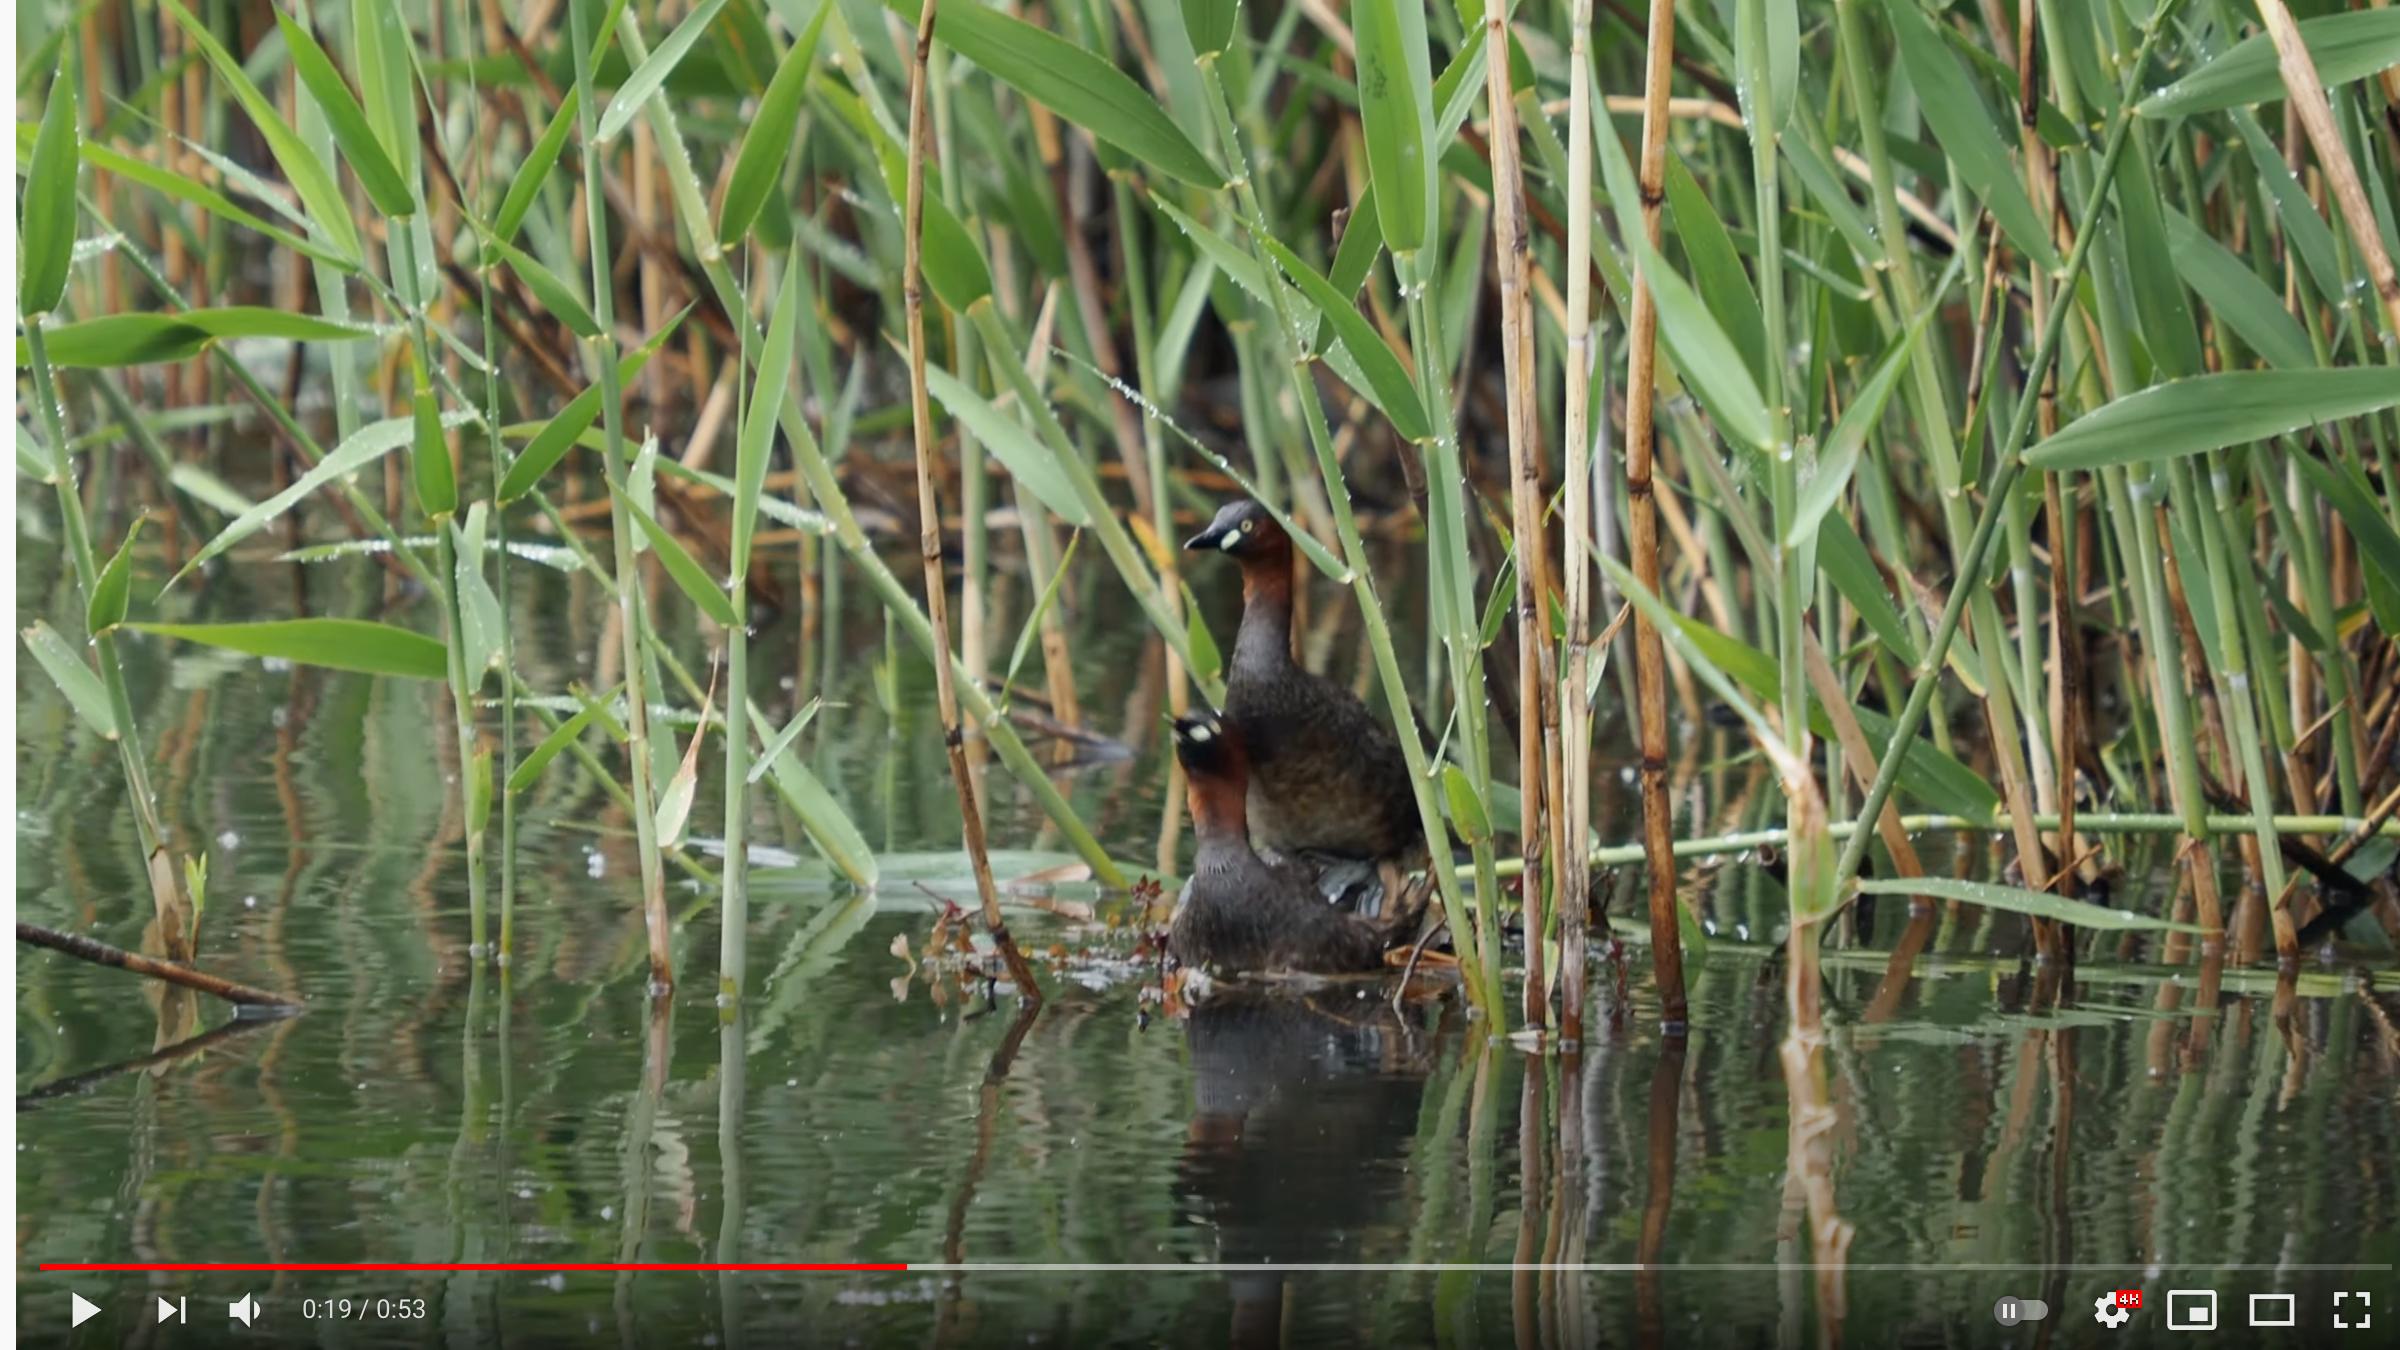 怎么得知一种鸟叫什么?吊诡的经历插图1